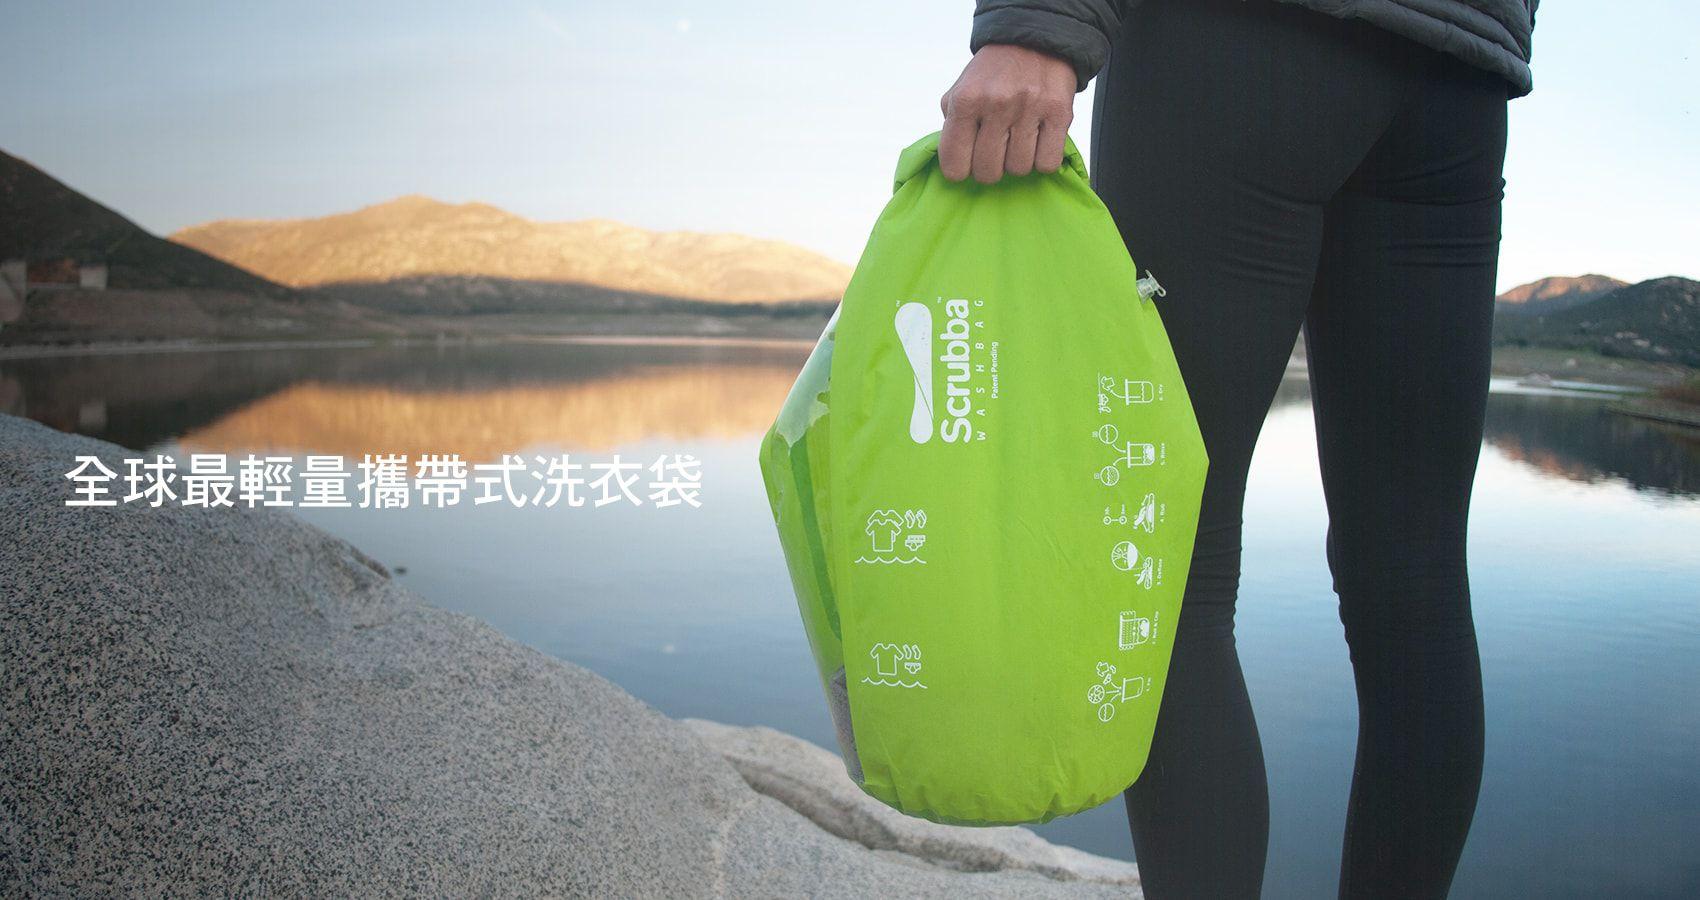 澳洲 洗酷包 Scrubba / 攜帶式洗衣袋 / 後背包